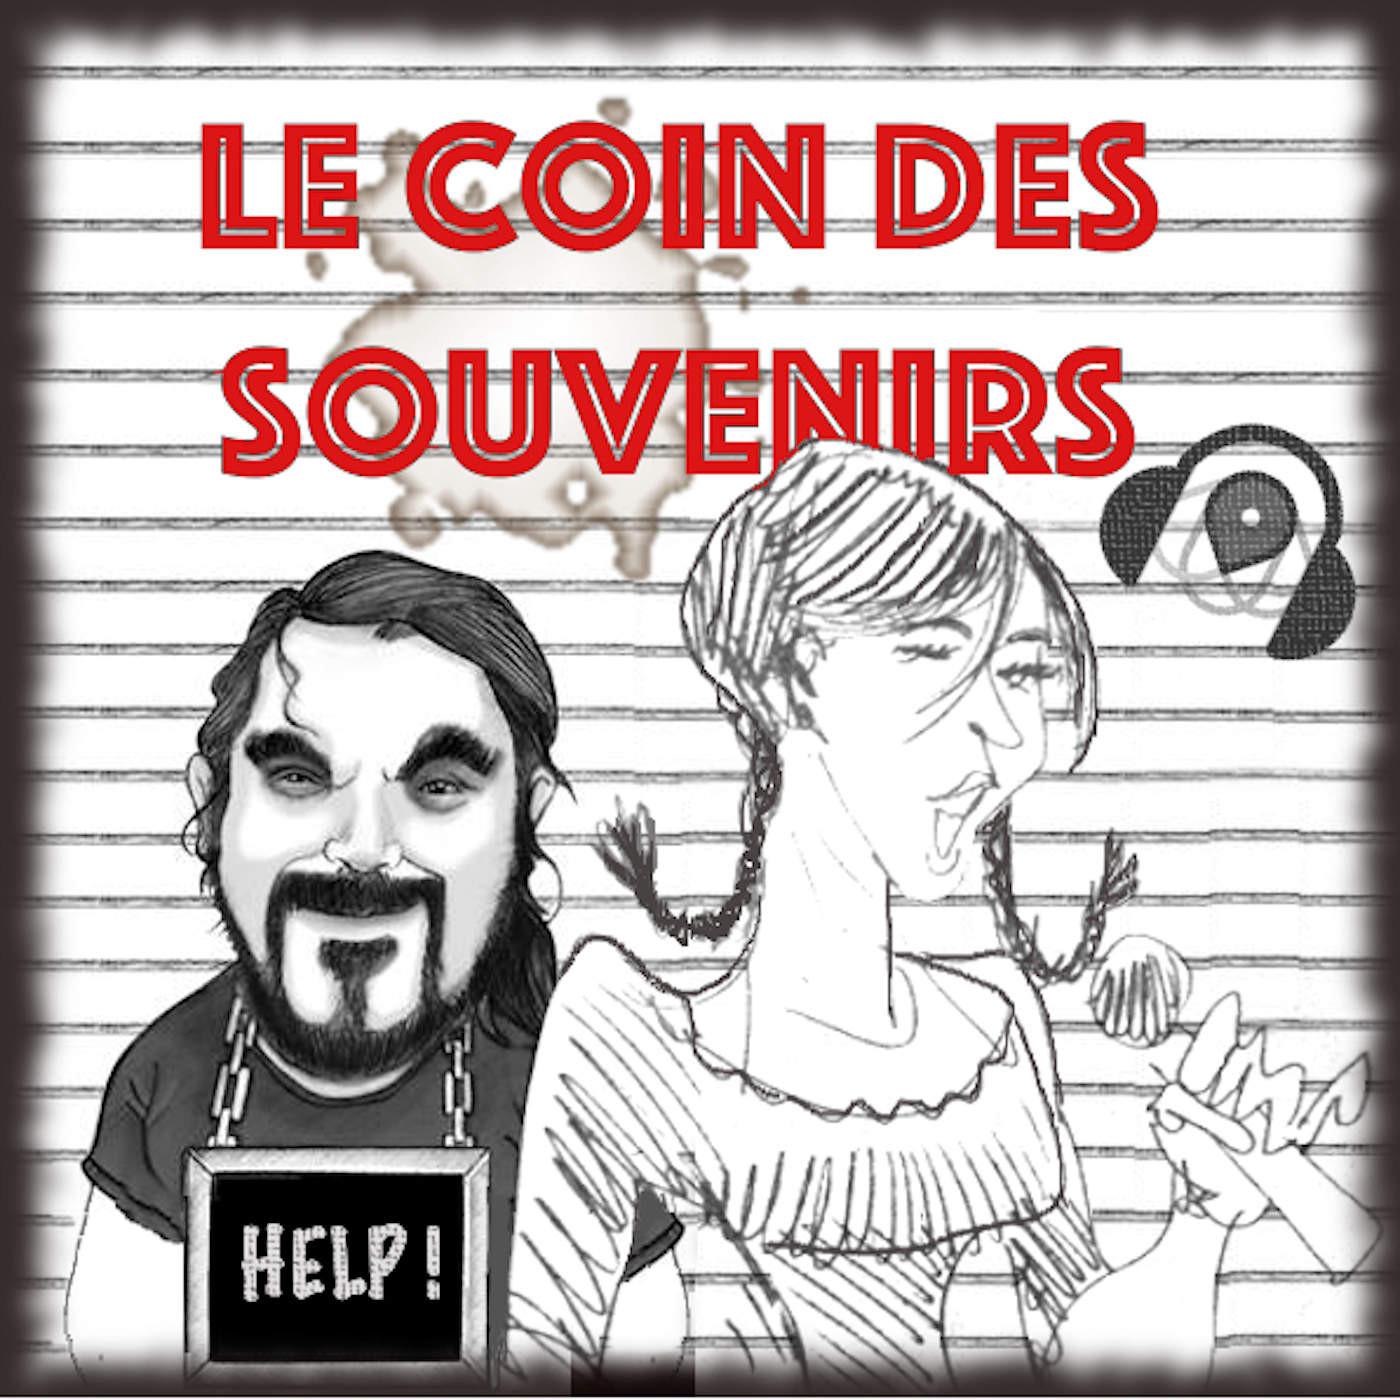 LE COIN DES SOUVENIRS